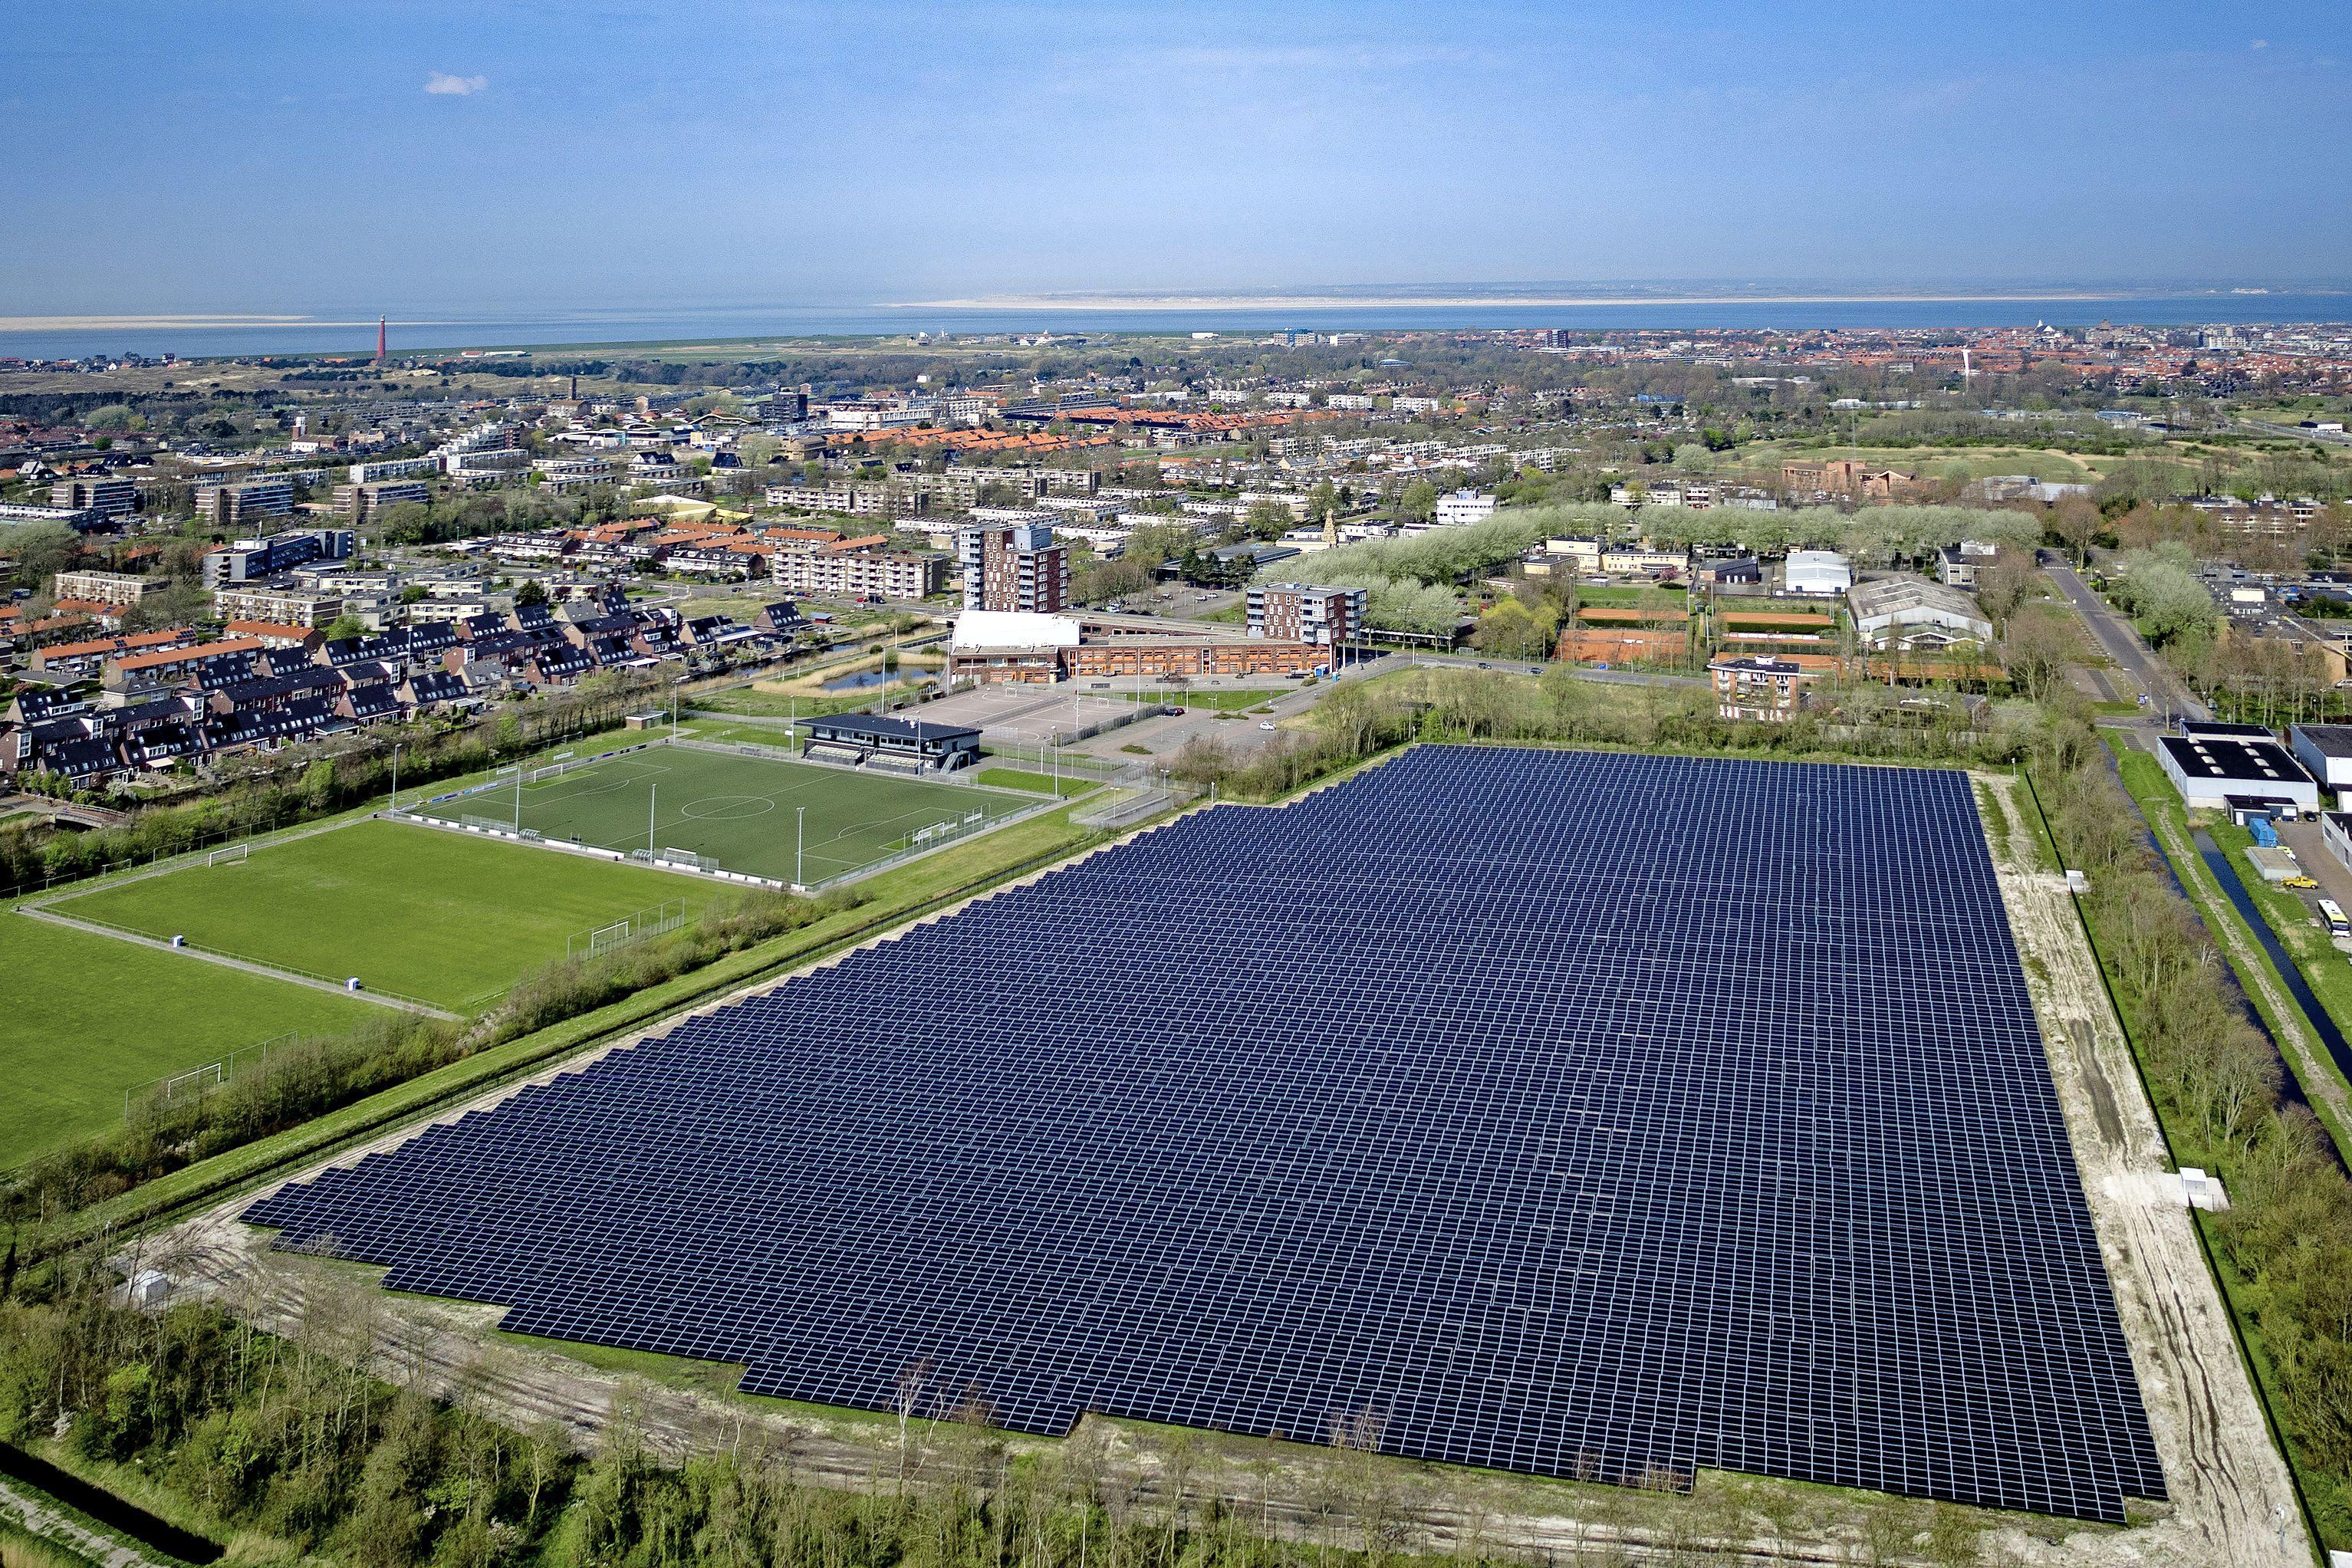 De zonnepanelen schieten in Den Helder als paddenstoelen uit de grond. Maar wie betaalt de schade als bij brand scherpe deeltjes in de omgeving terechtkomen, wil de fractie van PVV weten